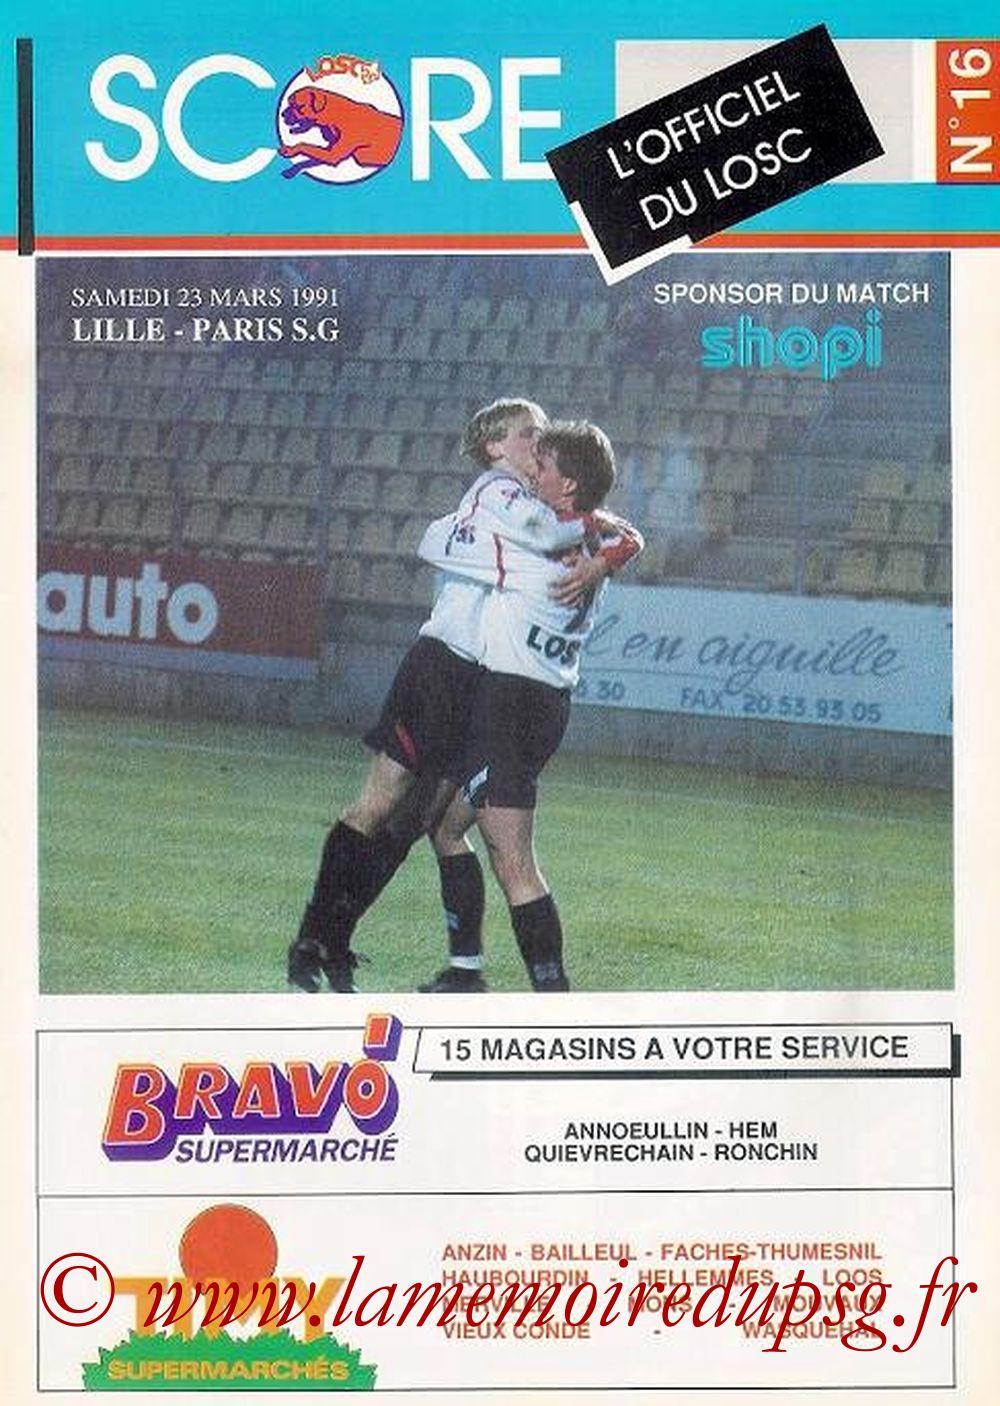 1991-03-23  Lille-PSG (31ème D1, Score N° 16)